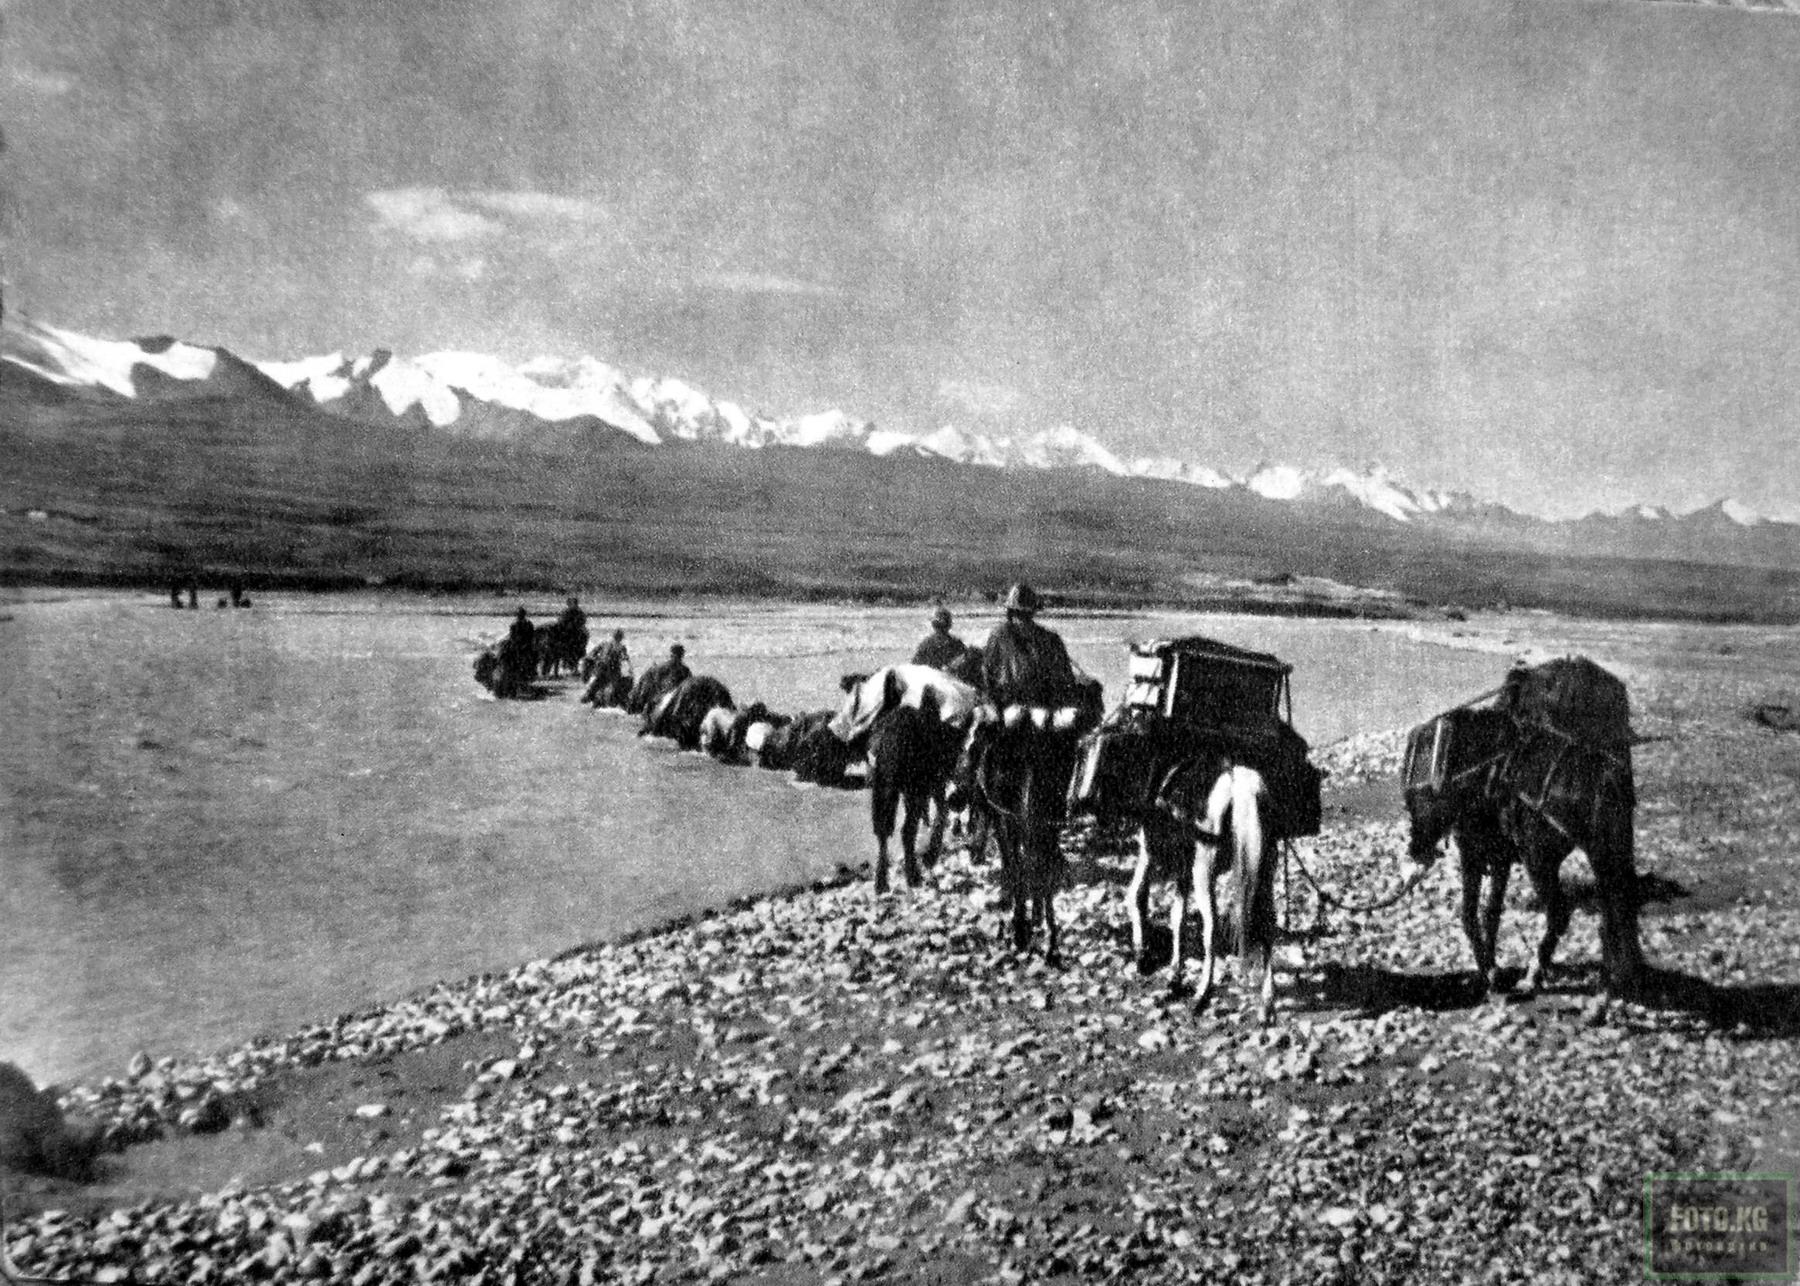 Переправа через реку Сары-Джаз Фото:1938 год Фотография сделана во время Всесоюзной экспедиции спорткомитета в 1938 году. Начальник экспедиции Летавет Август Андреевич.